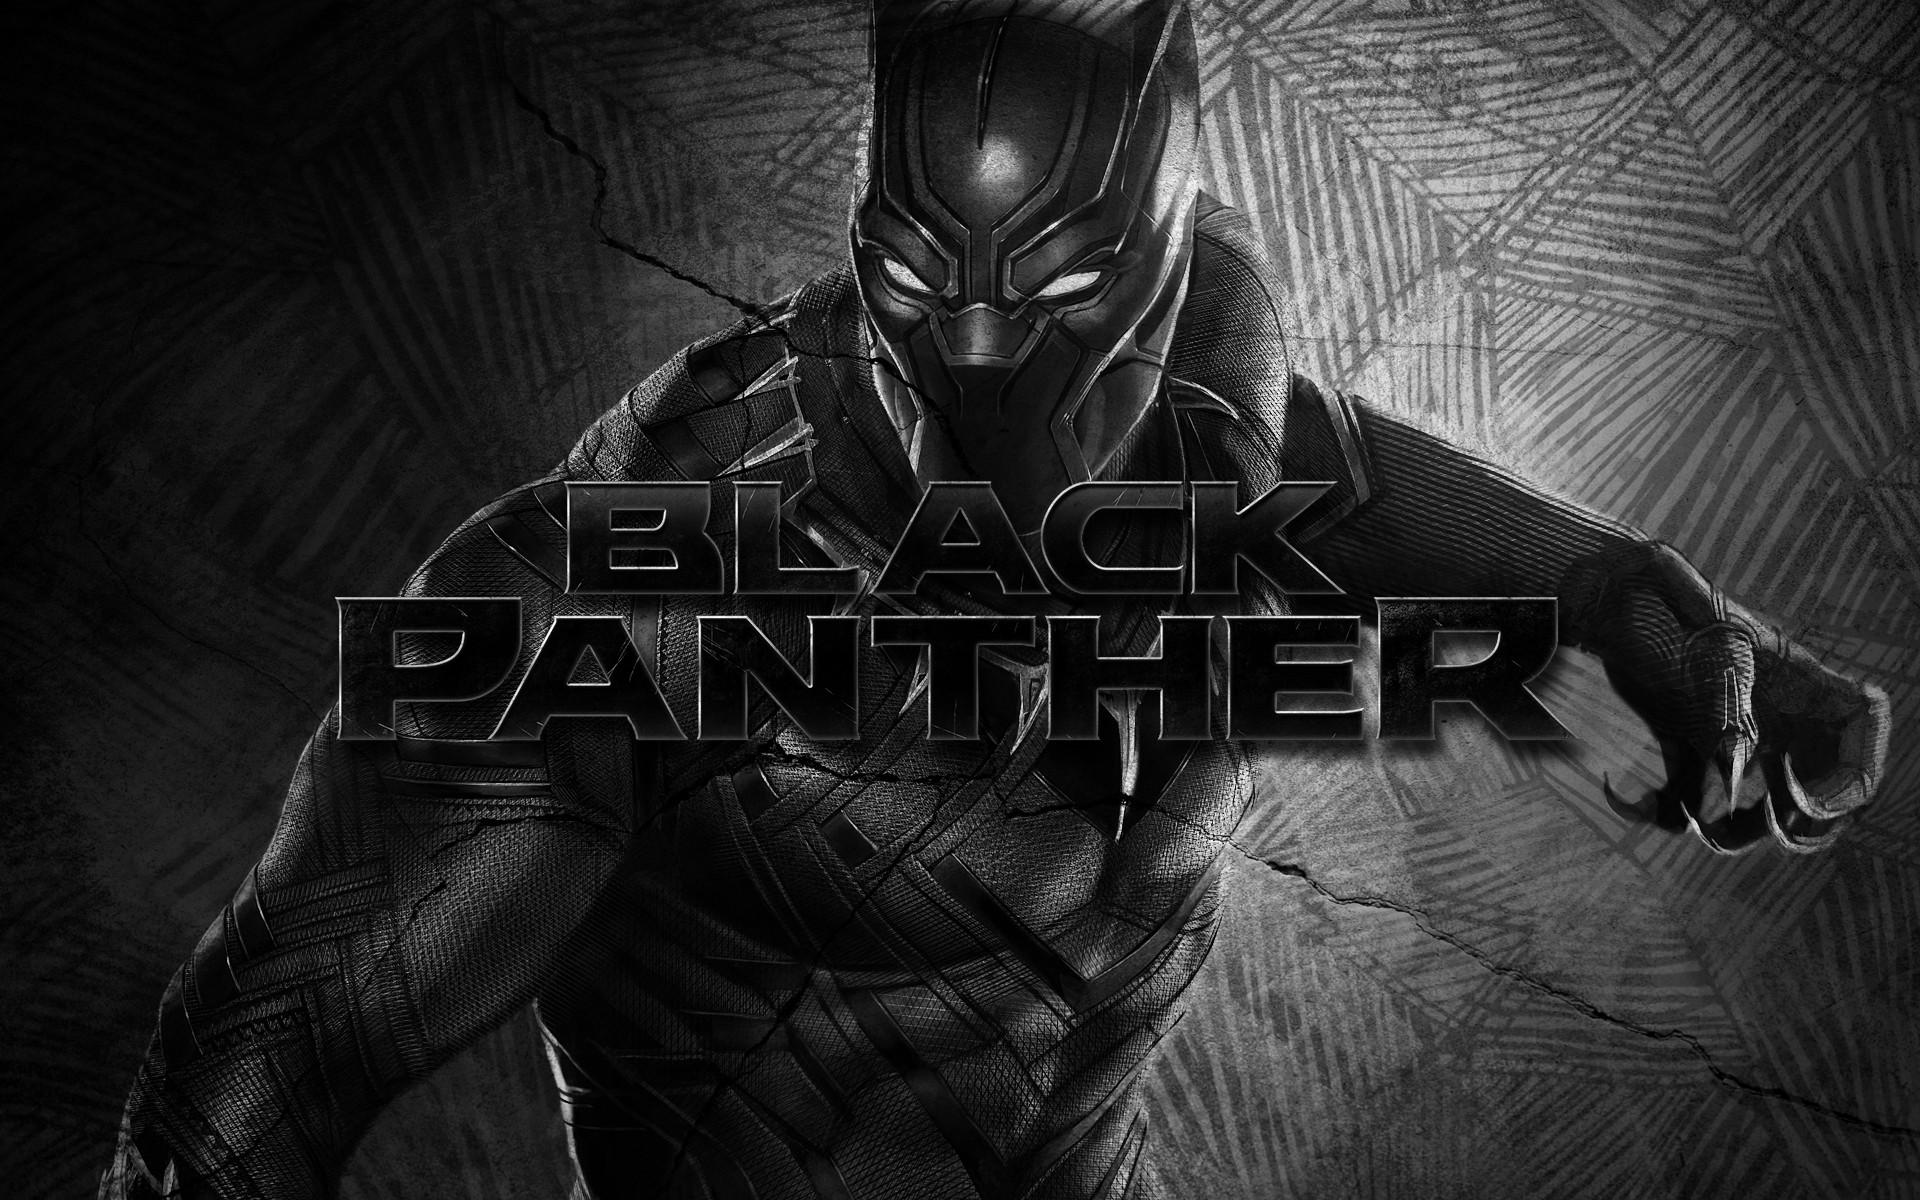 5346837-black+panther+11